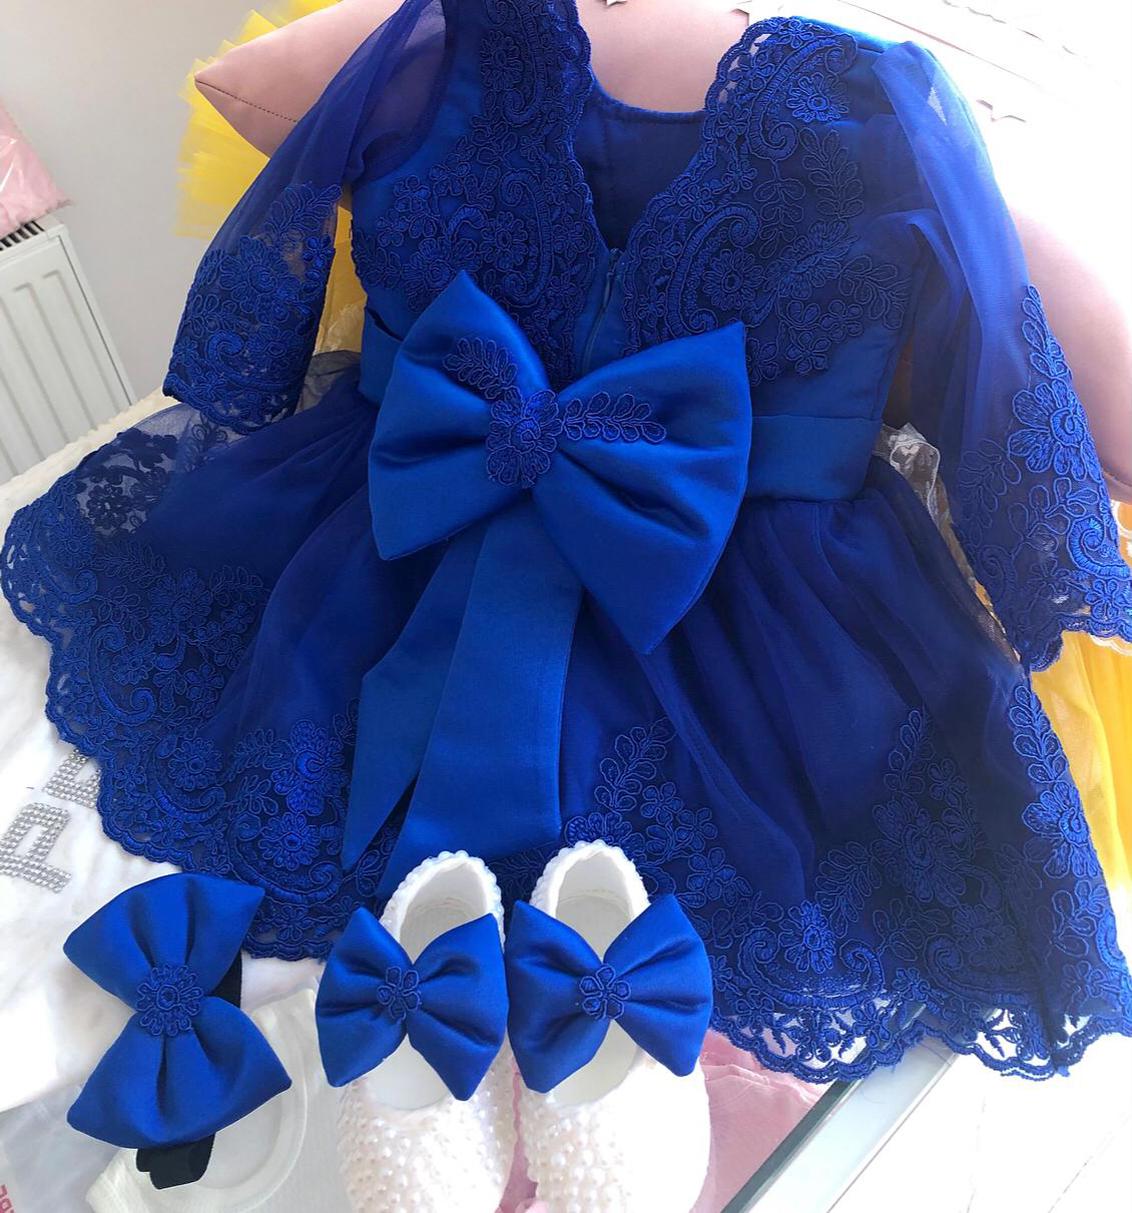 lacivert-dantelli-kiz-bebek-elbisesi